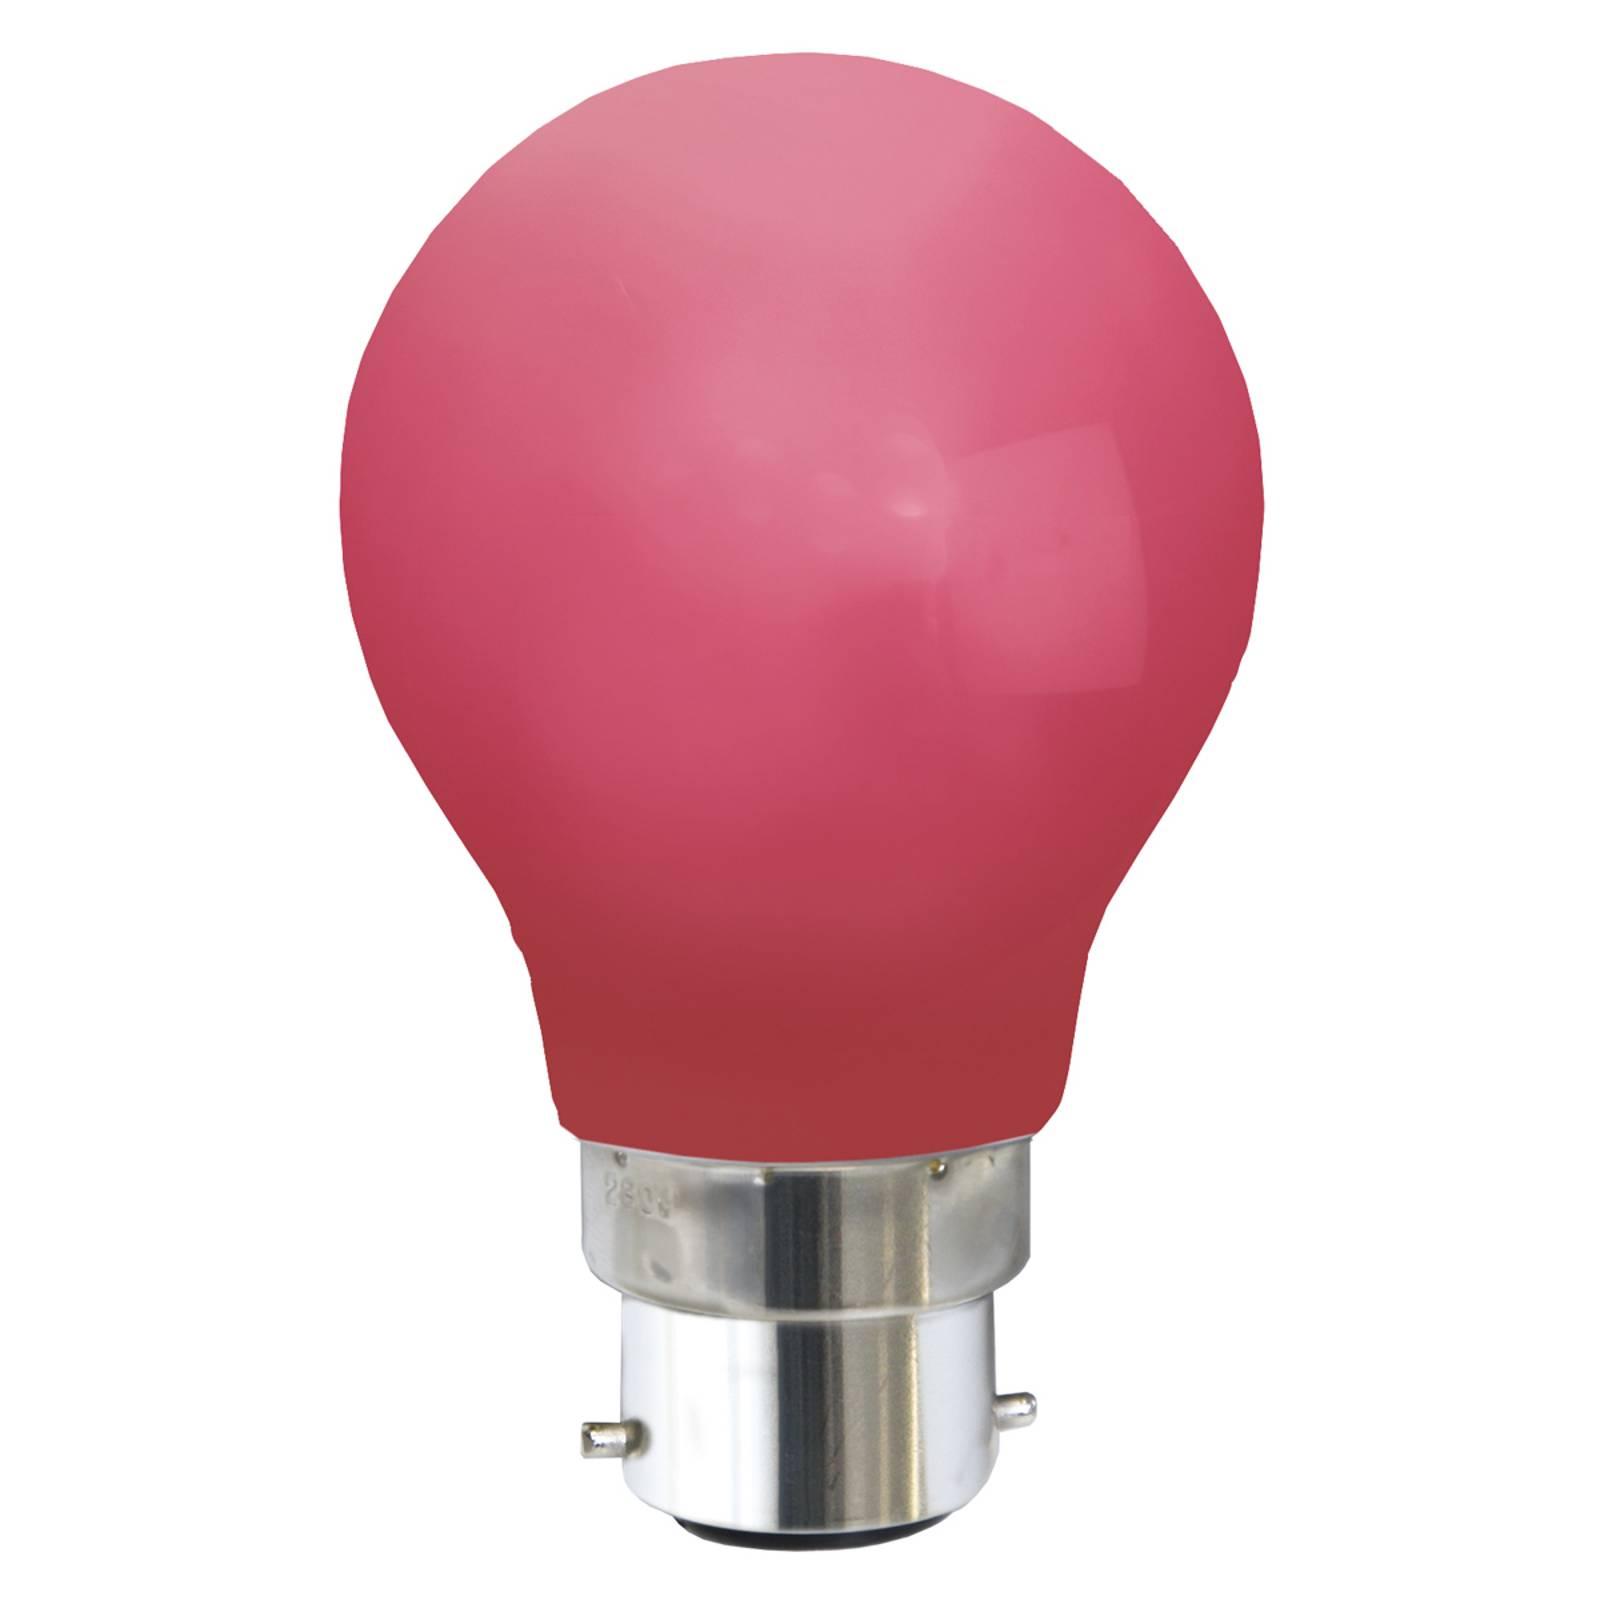 B22 0,8W -LED-lamppu, punainen